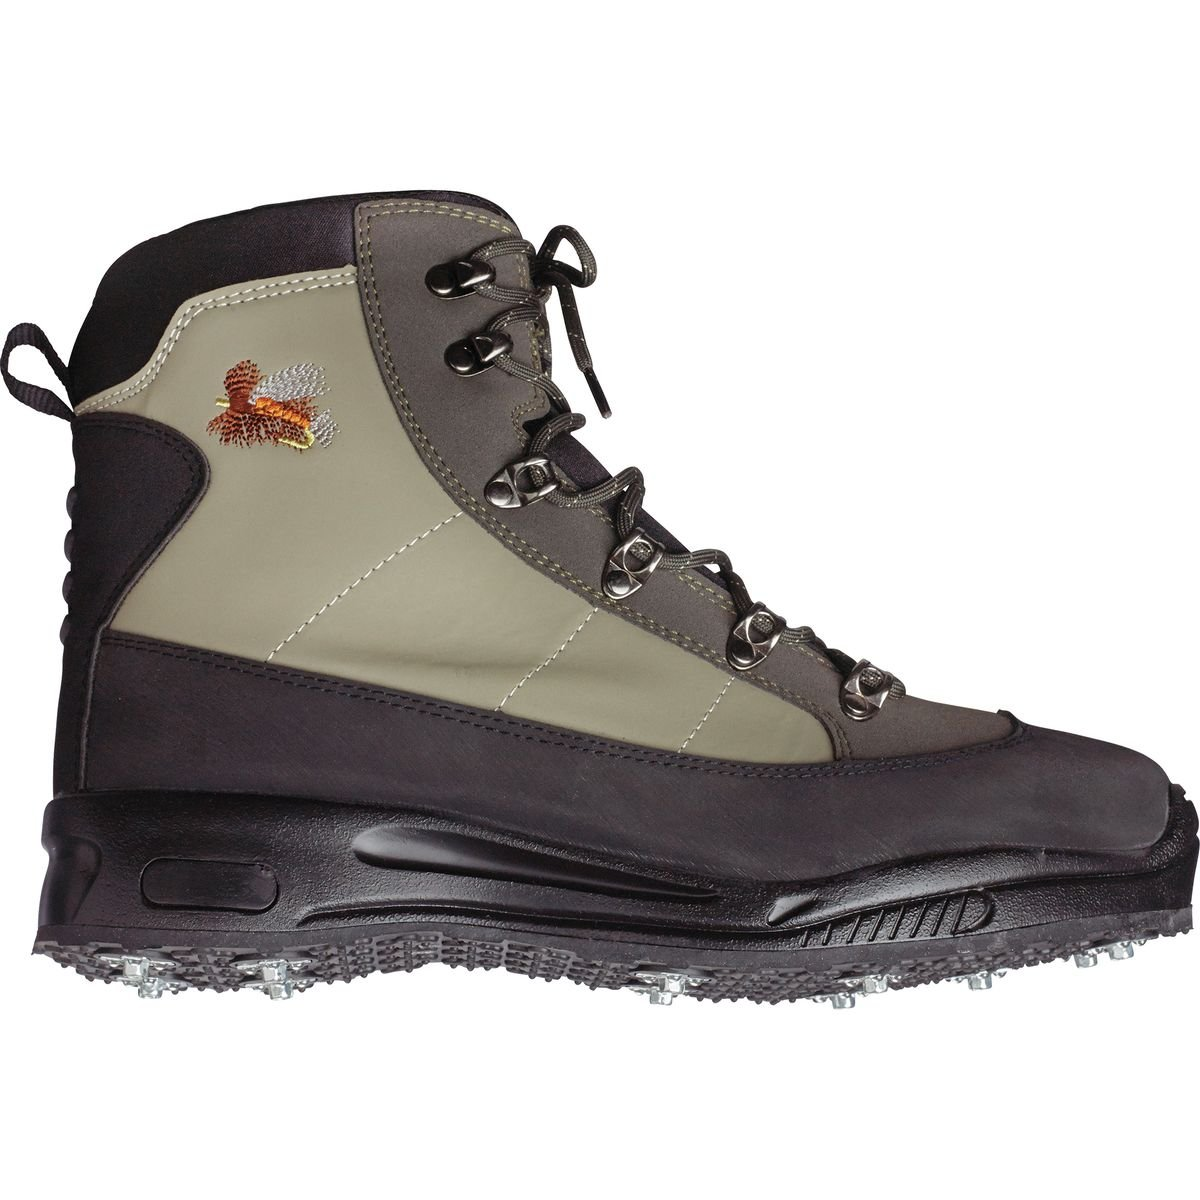 【人気商品!】 Caddis GuideプラチナWading Northern GuideプラチナWading Shoes Shoes withスタッドキット B01EAMUKL2 13 D(M) D(M) US|グレー グレー 13 D(M) US, 財布ベルトの専門店 東京リッチ:a7901b0e --- ballyshannonshow.com